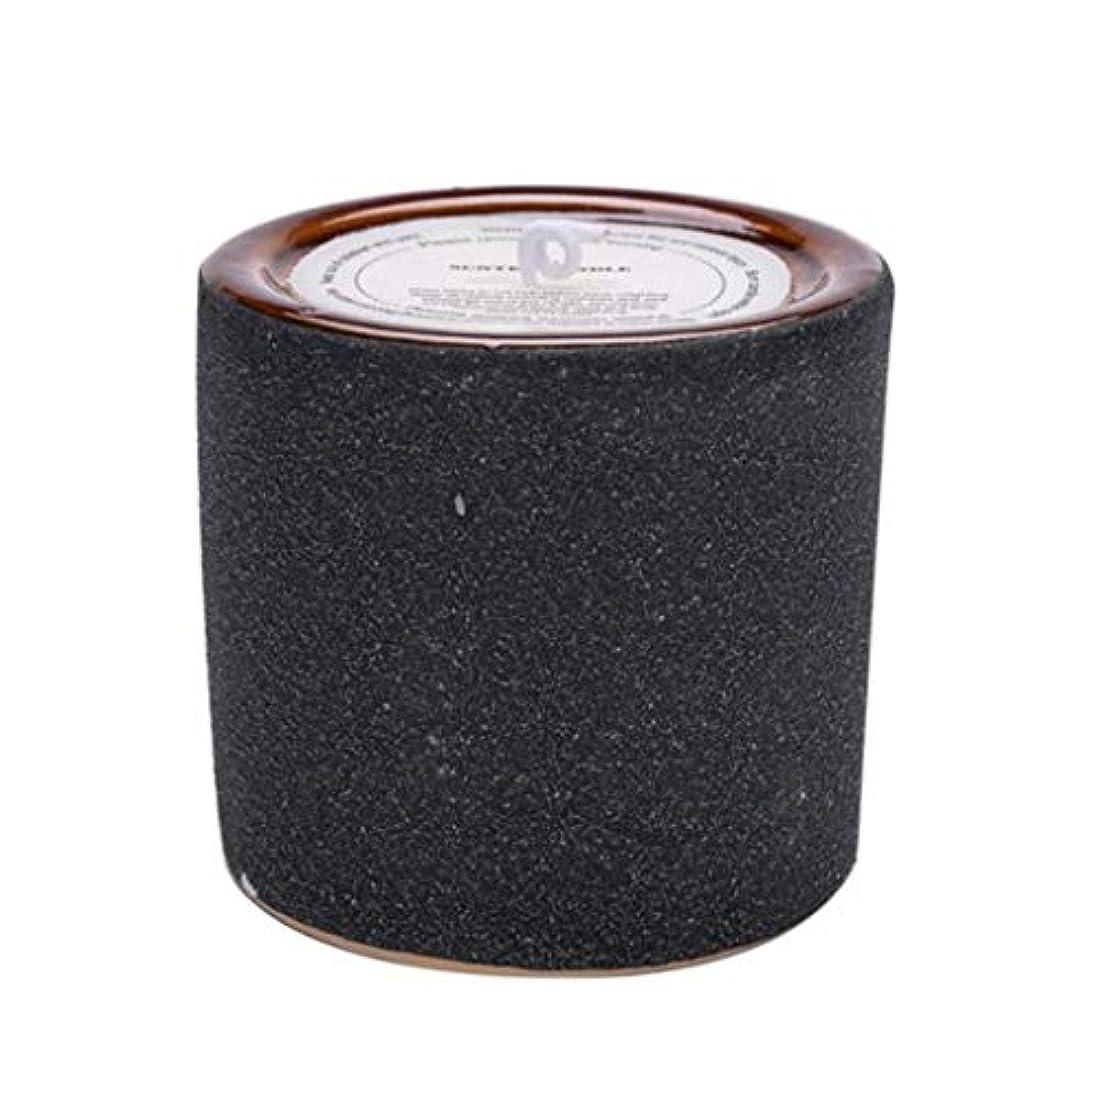 タンカーメイン生き返らせるキャンドル、つや消しカップ香りのキャンドル、環境保護無煙大豆ワックスキャンドル(大) (Color : Black)